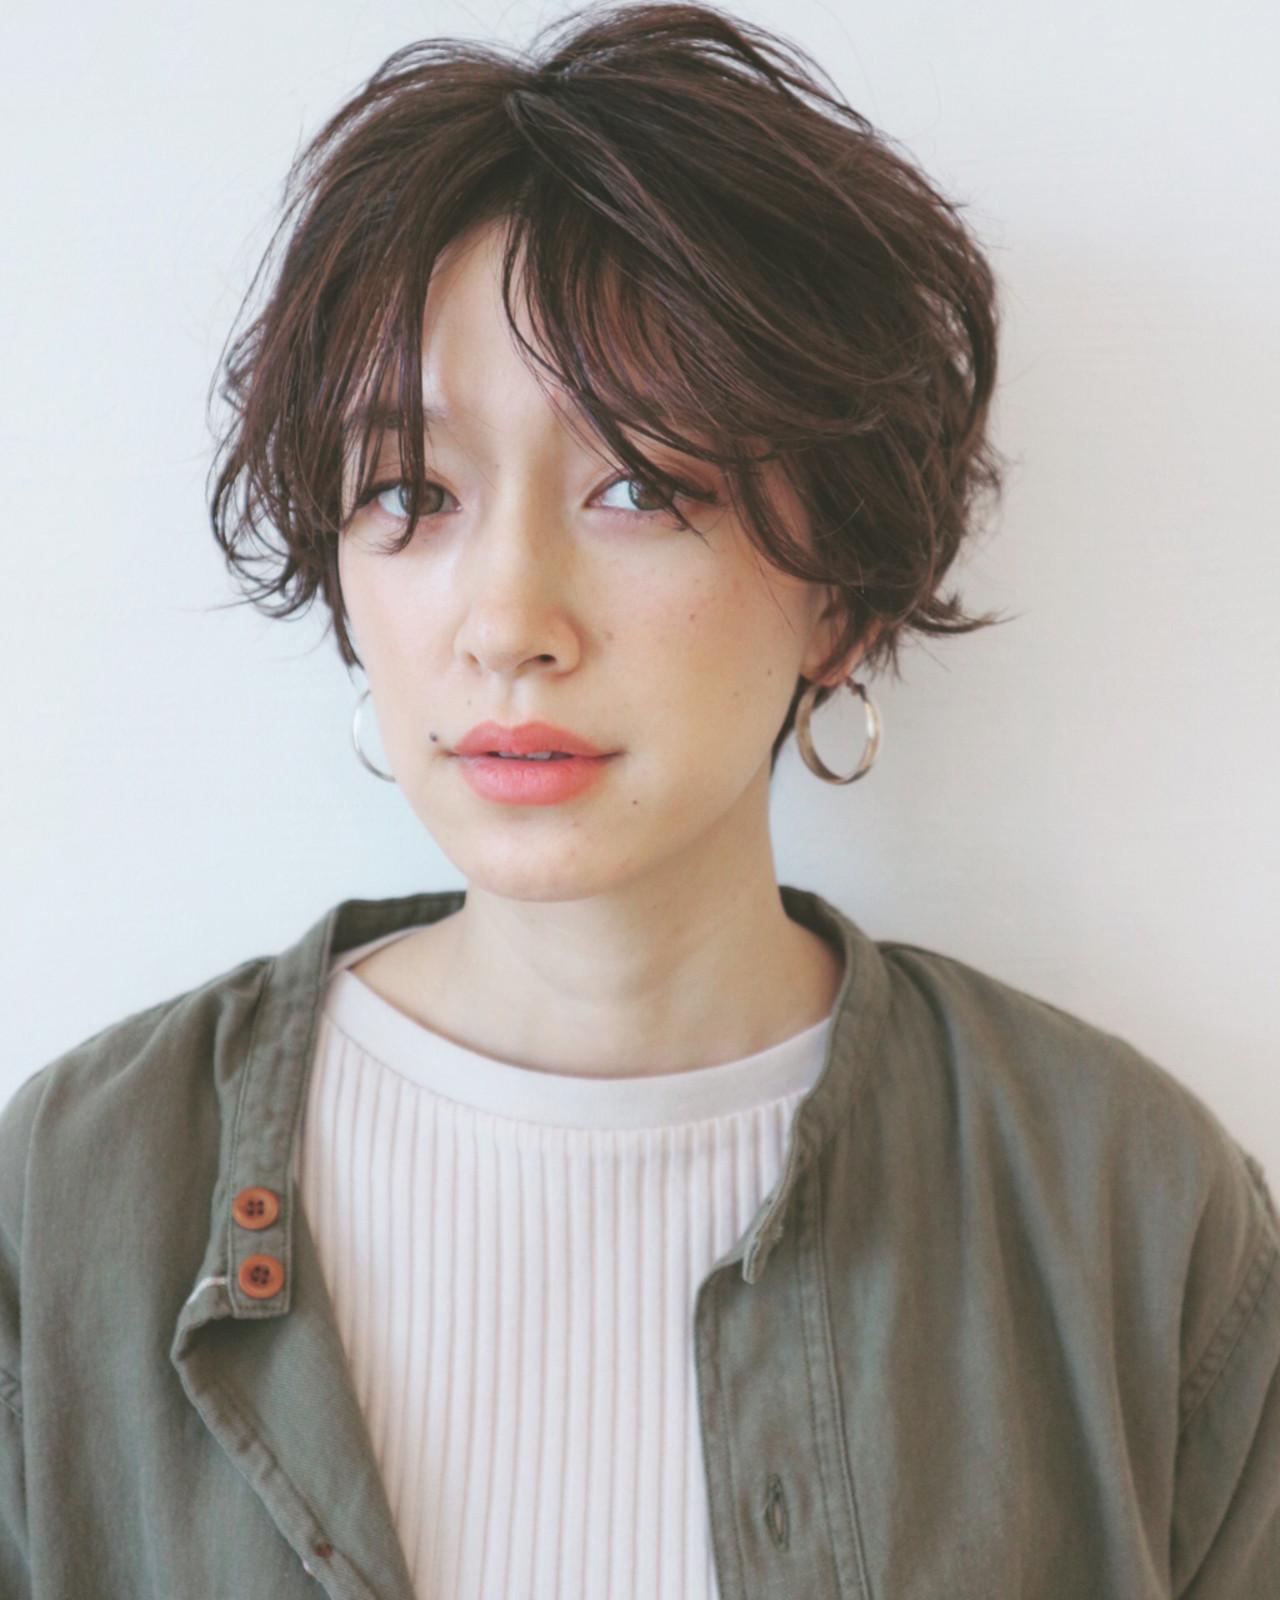 「髪色」に関する記事はコチラ